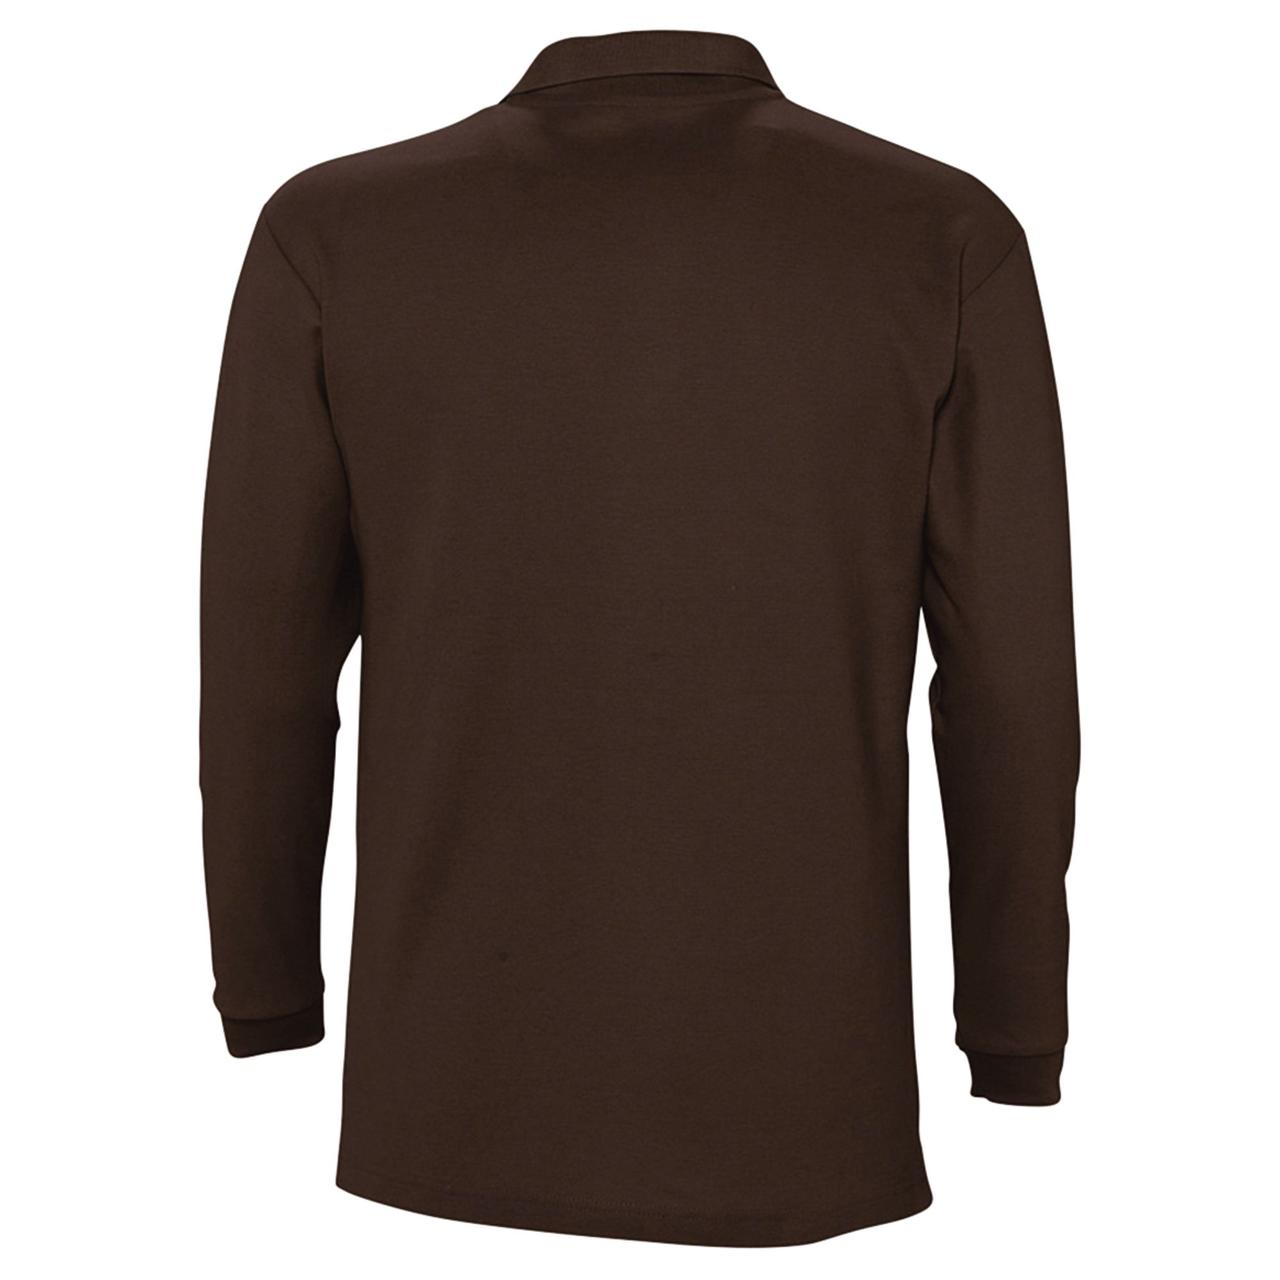 Рубашка поло мужская с длинным рукавом Winter II 210 шоколадно-коричневая (артикул 11353398) - фото 2